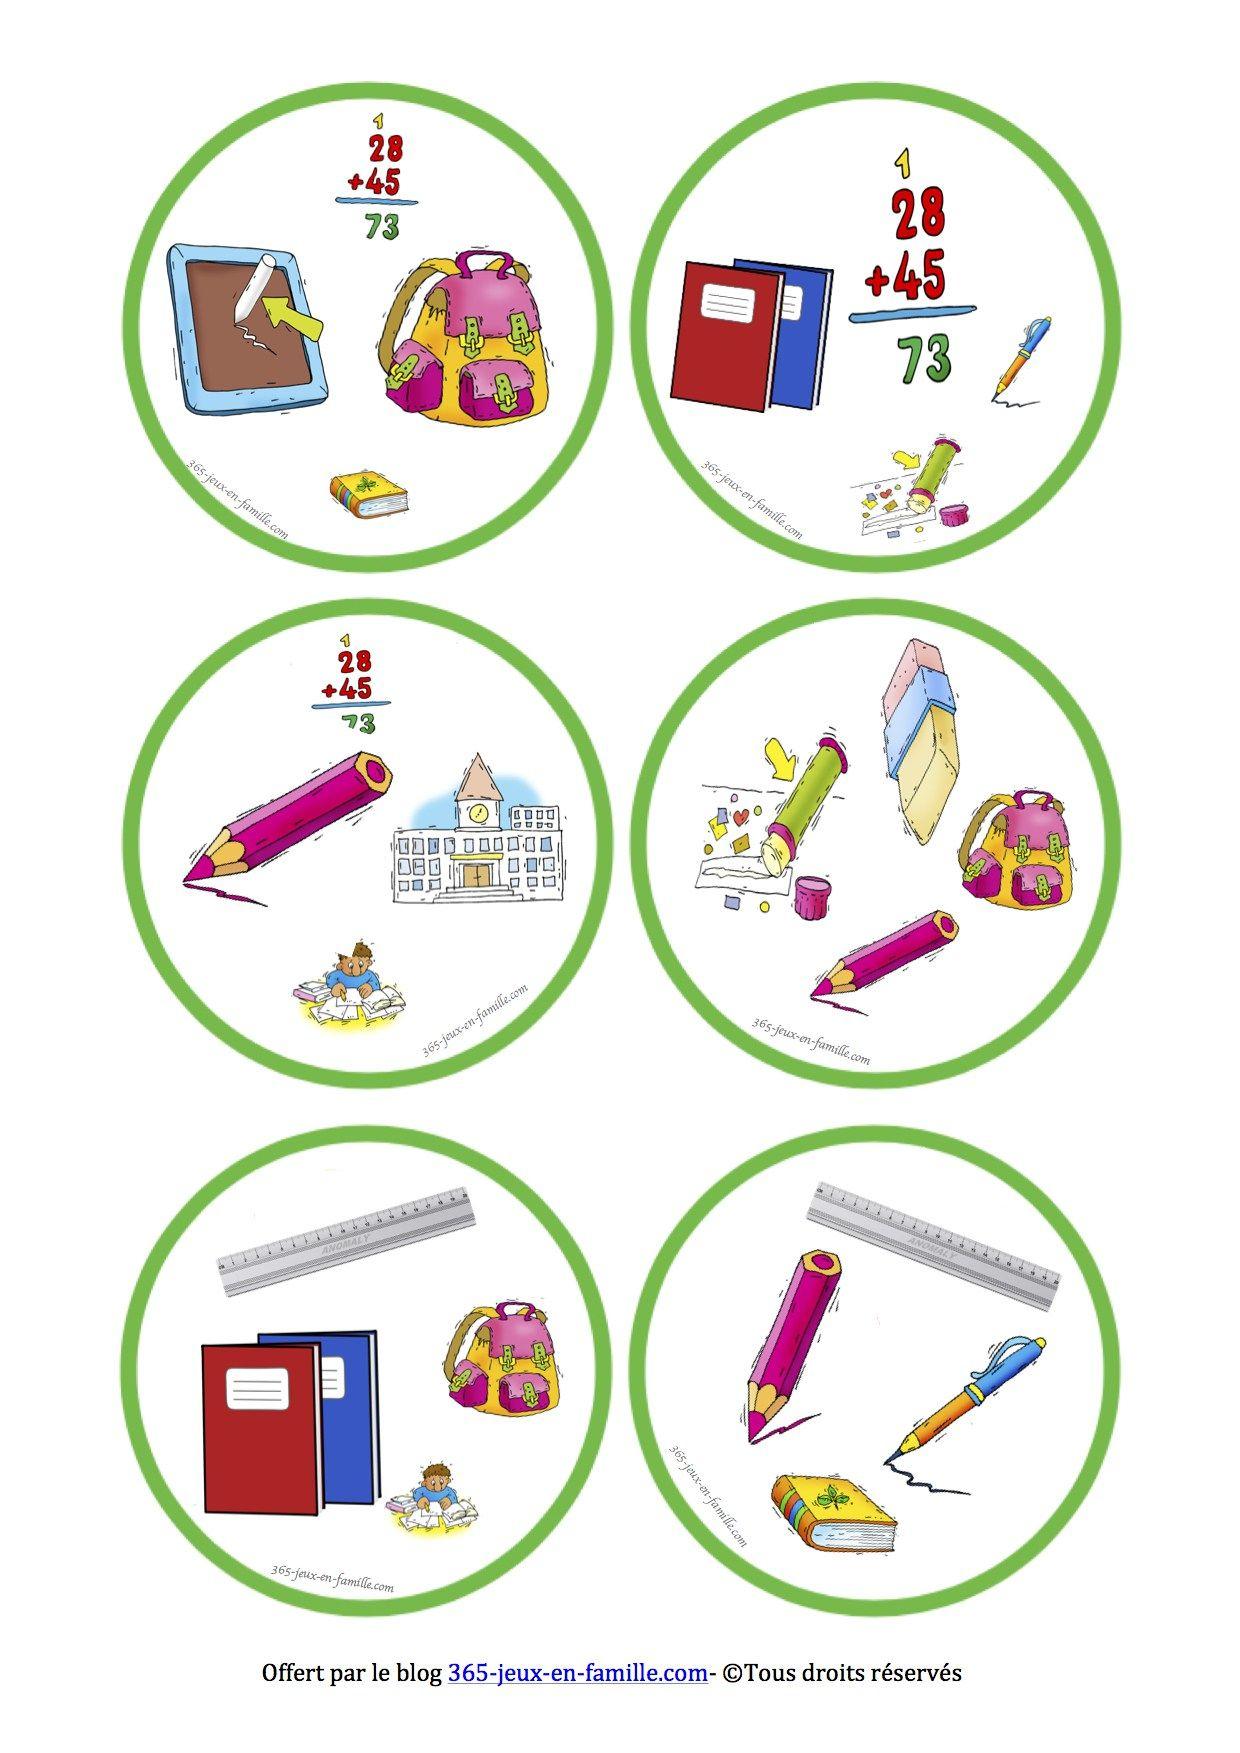 5 Jeux Gratuits À Imprimer Autour De L'école ~ Jeux À destiné Jeux Gratuits Pour Enfants De 5 Ans